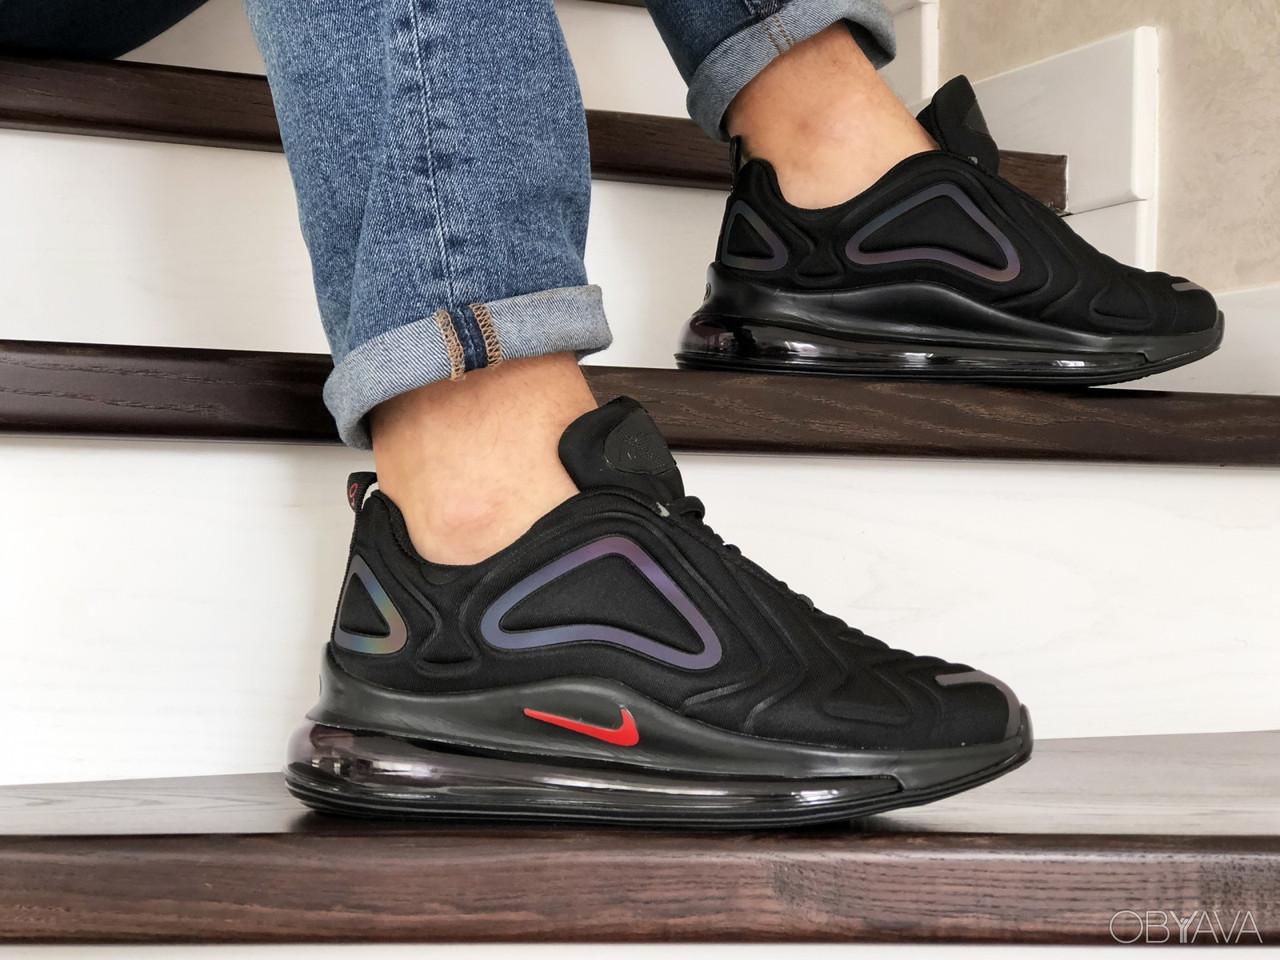 Мужские кроссовки Nike Air Max 720 в стиле найк аир макс черные (Реплика ААА+)